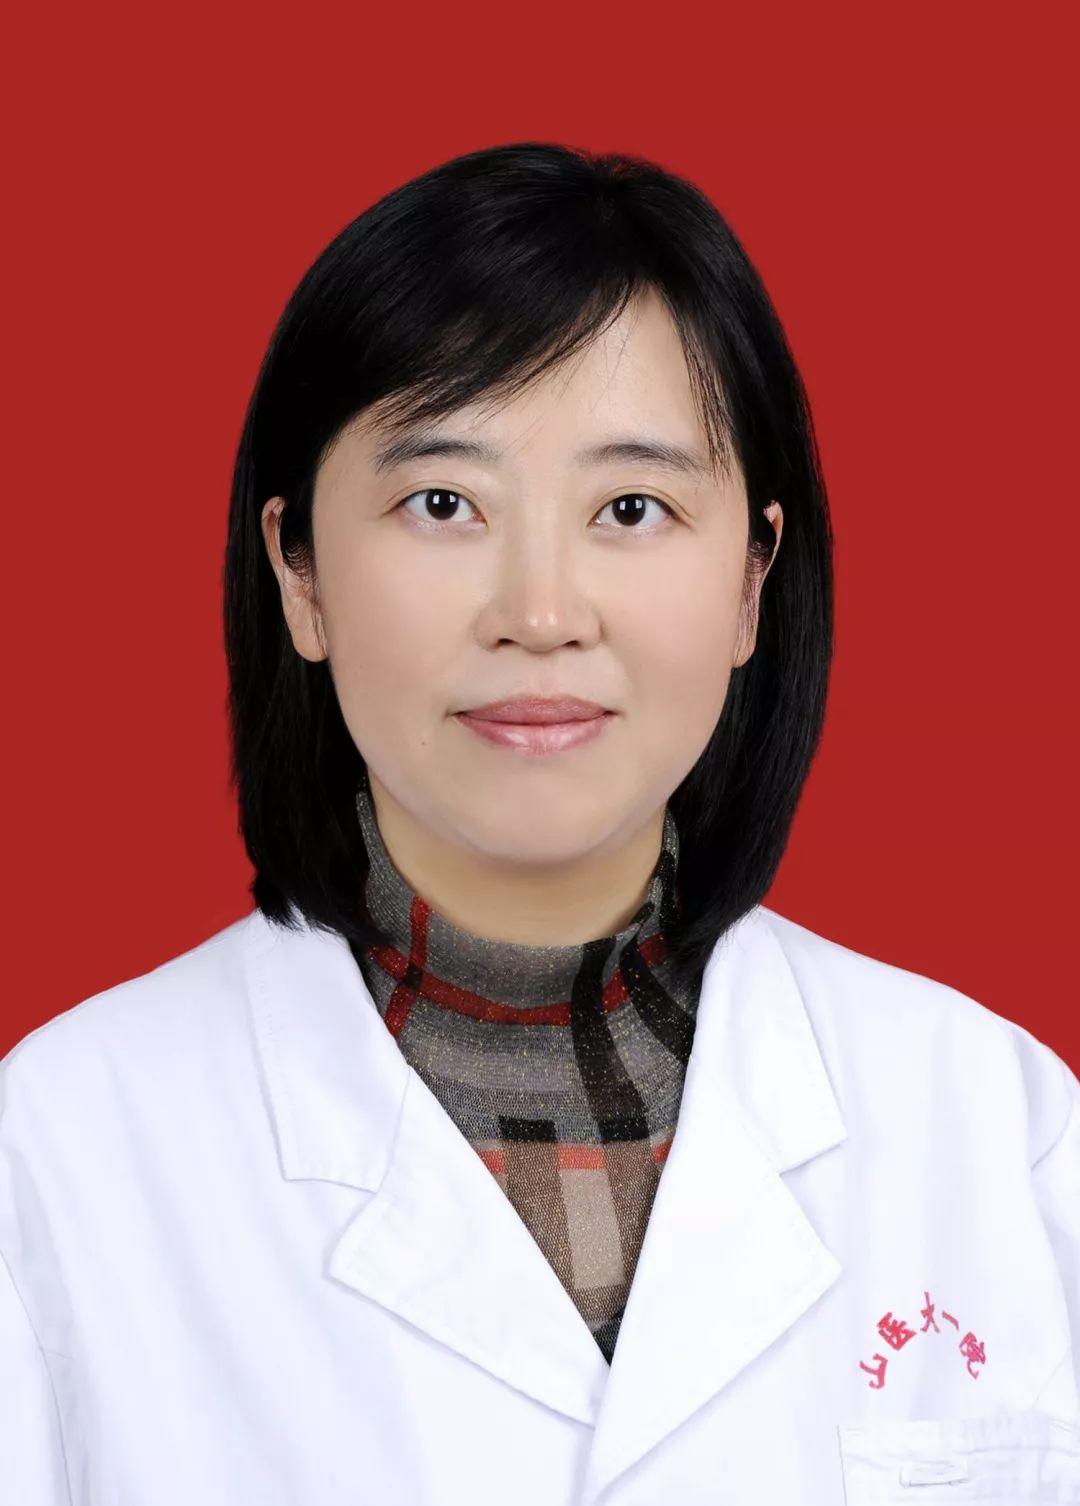 【周三学习】周梅林和张千惠《中国临床营养网》